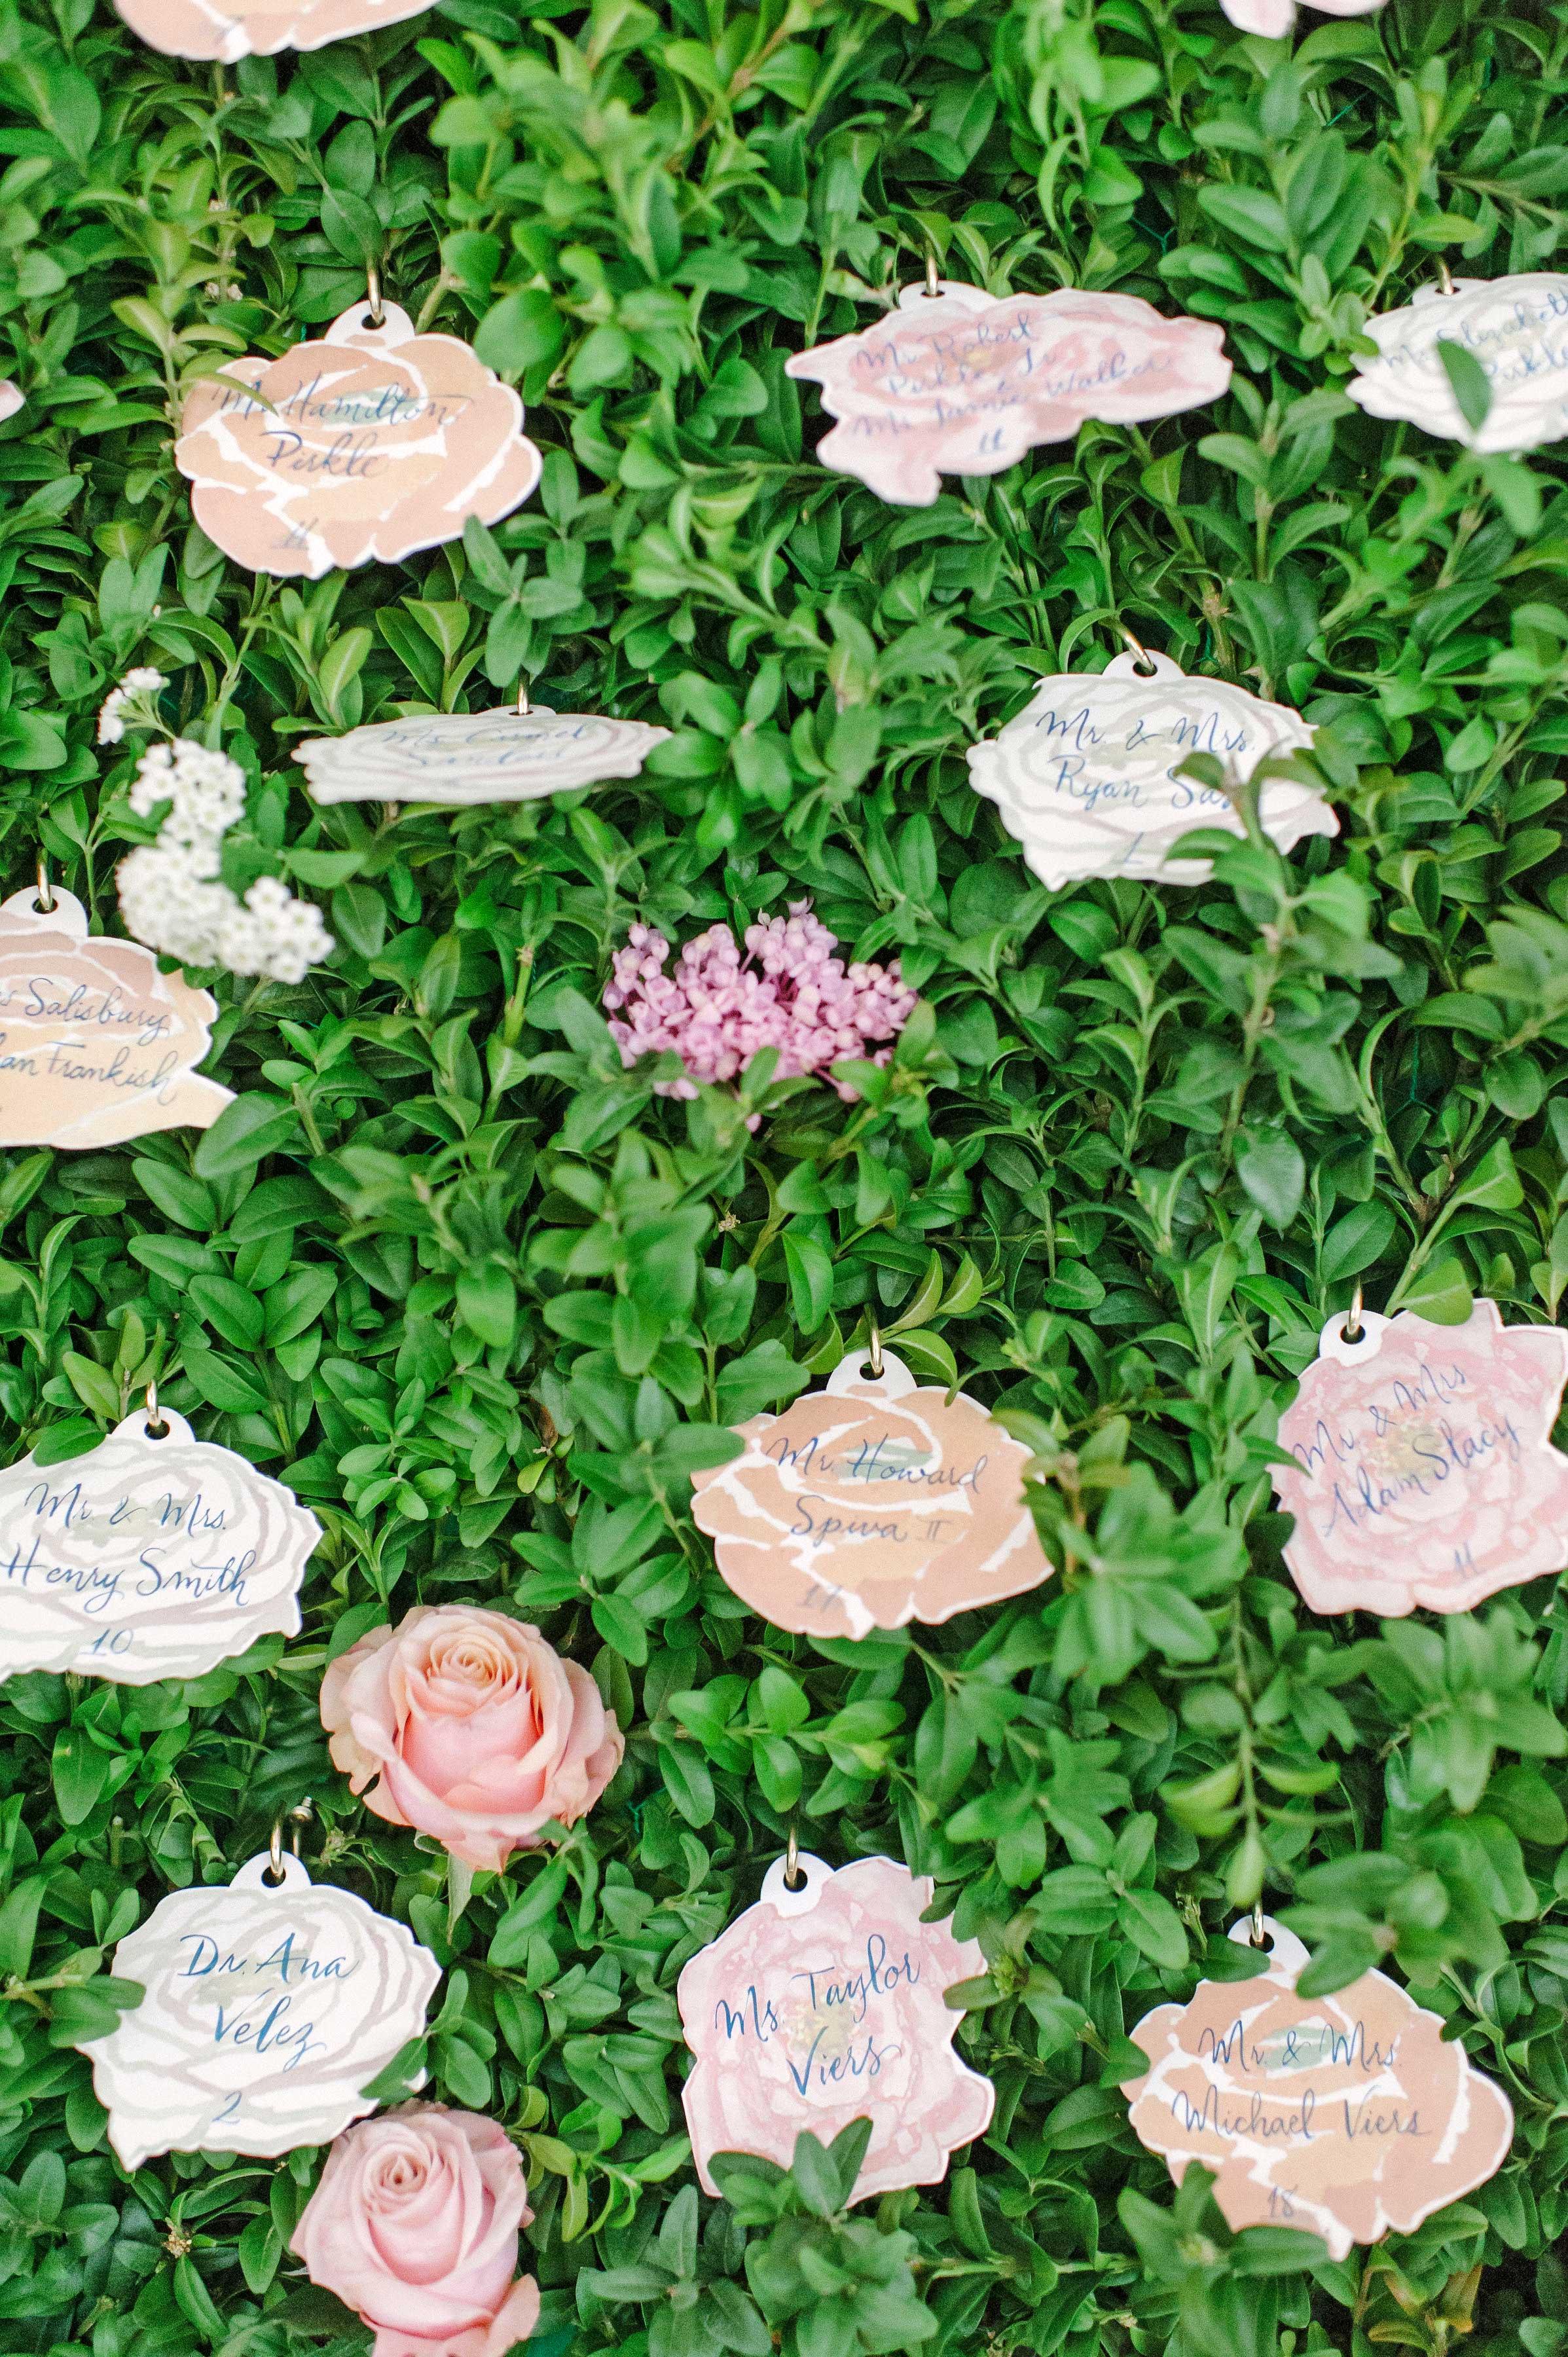 stefanie drew wedding escortcards